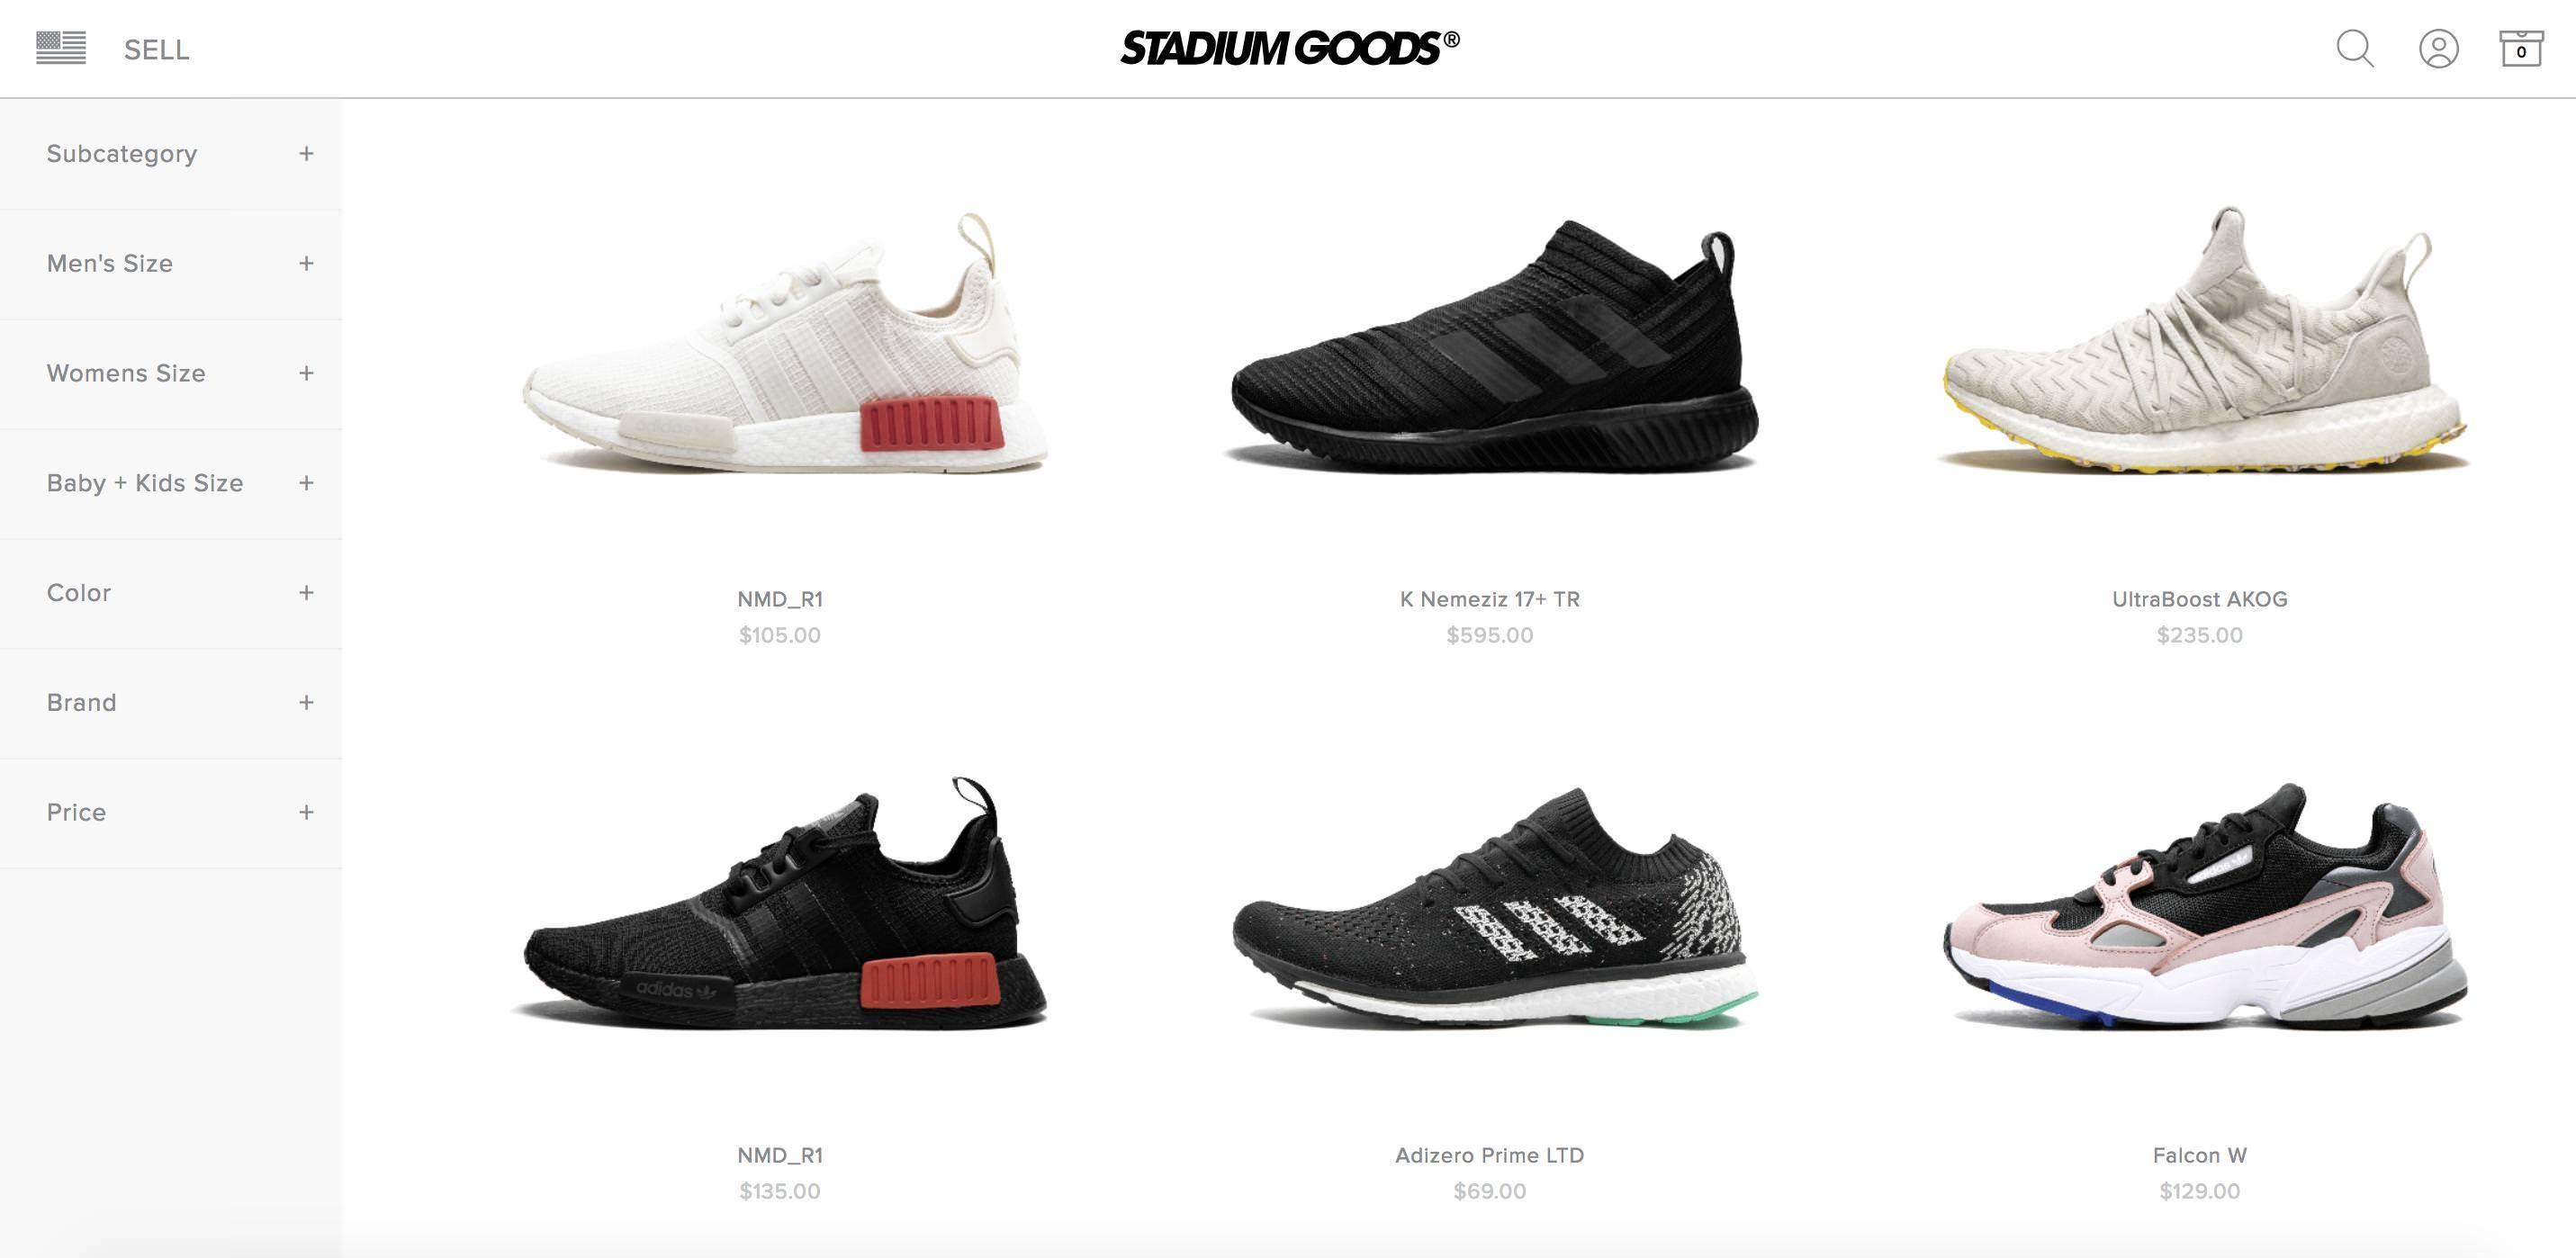 Магазин Stadium Goods — от $30 до $45000 за кроссовки